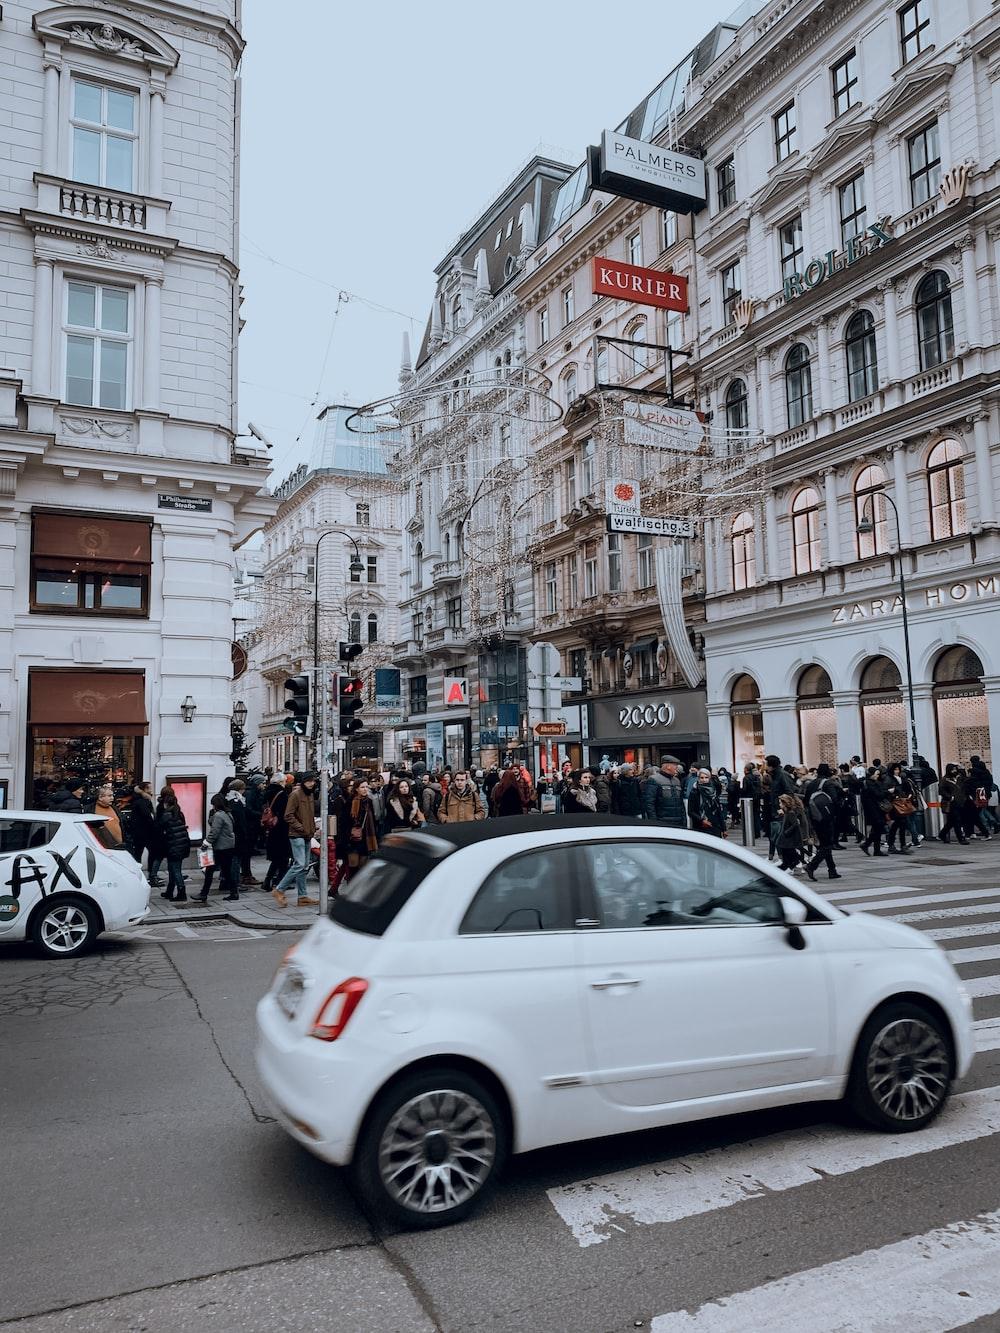 white sedan on road near people walking on sidewalk during daytime